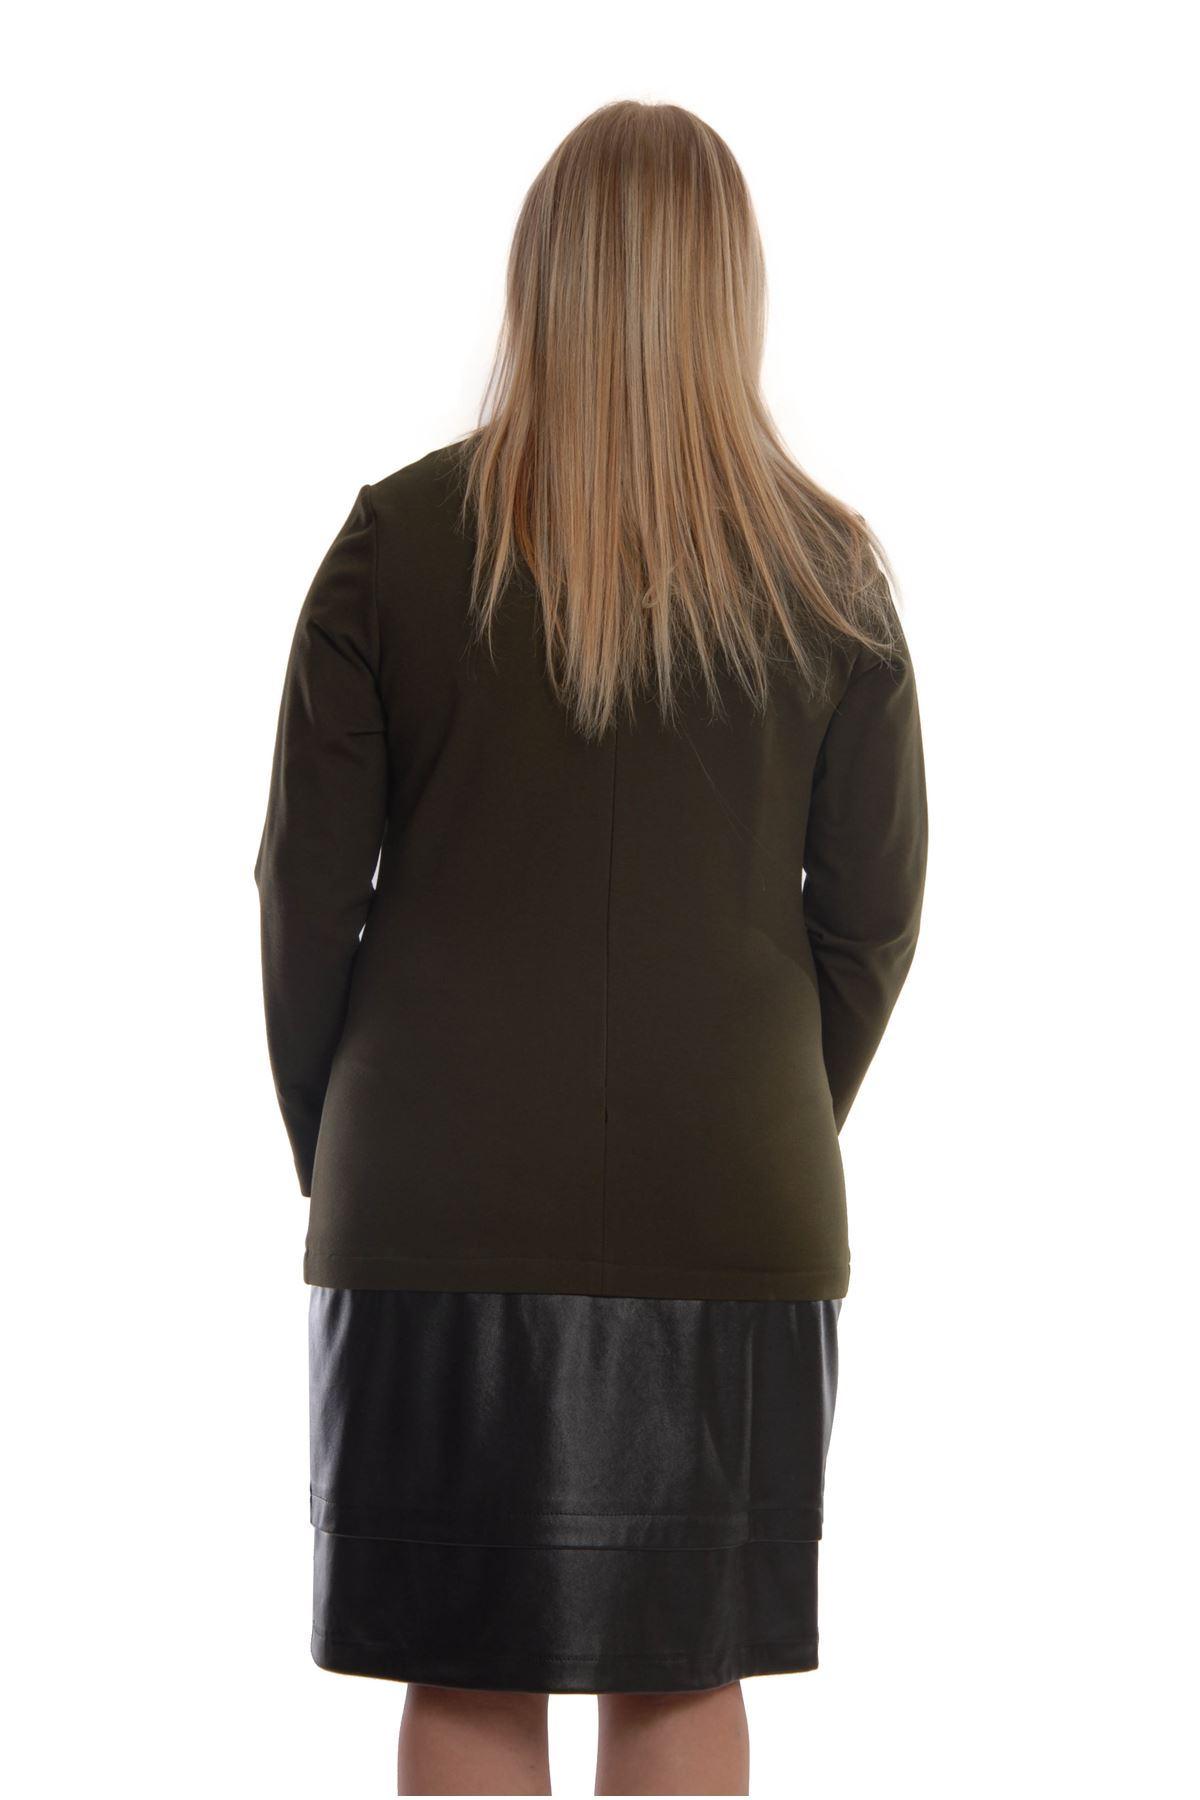 Yeşil Siyah Derili Tek Parça Elbise K2-68932